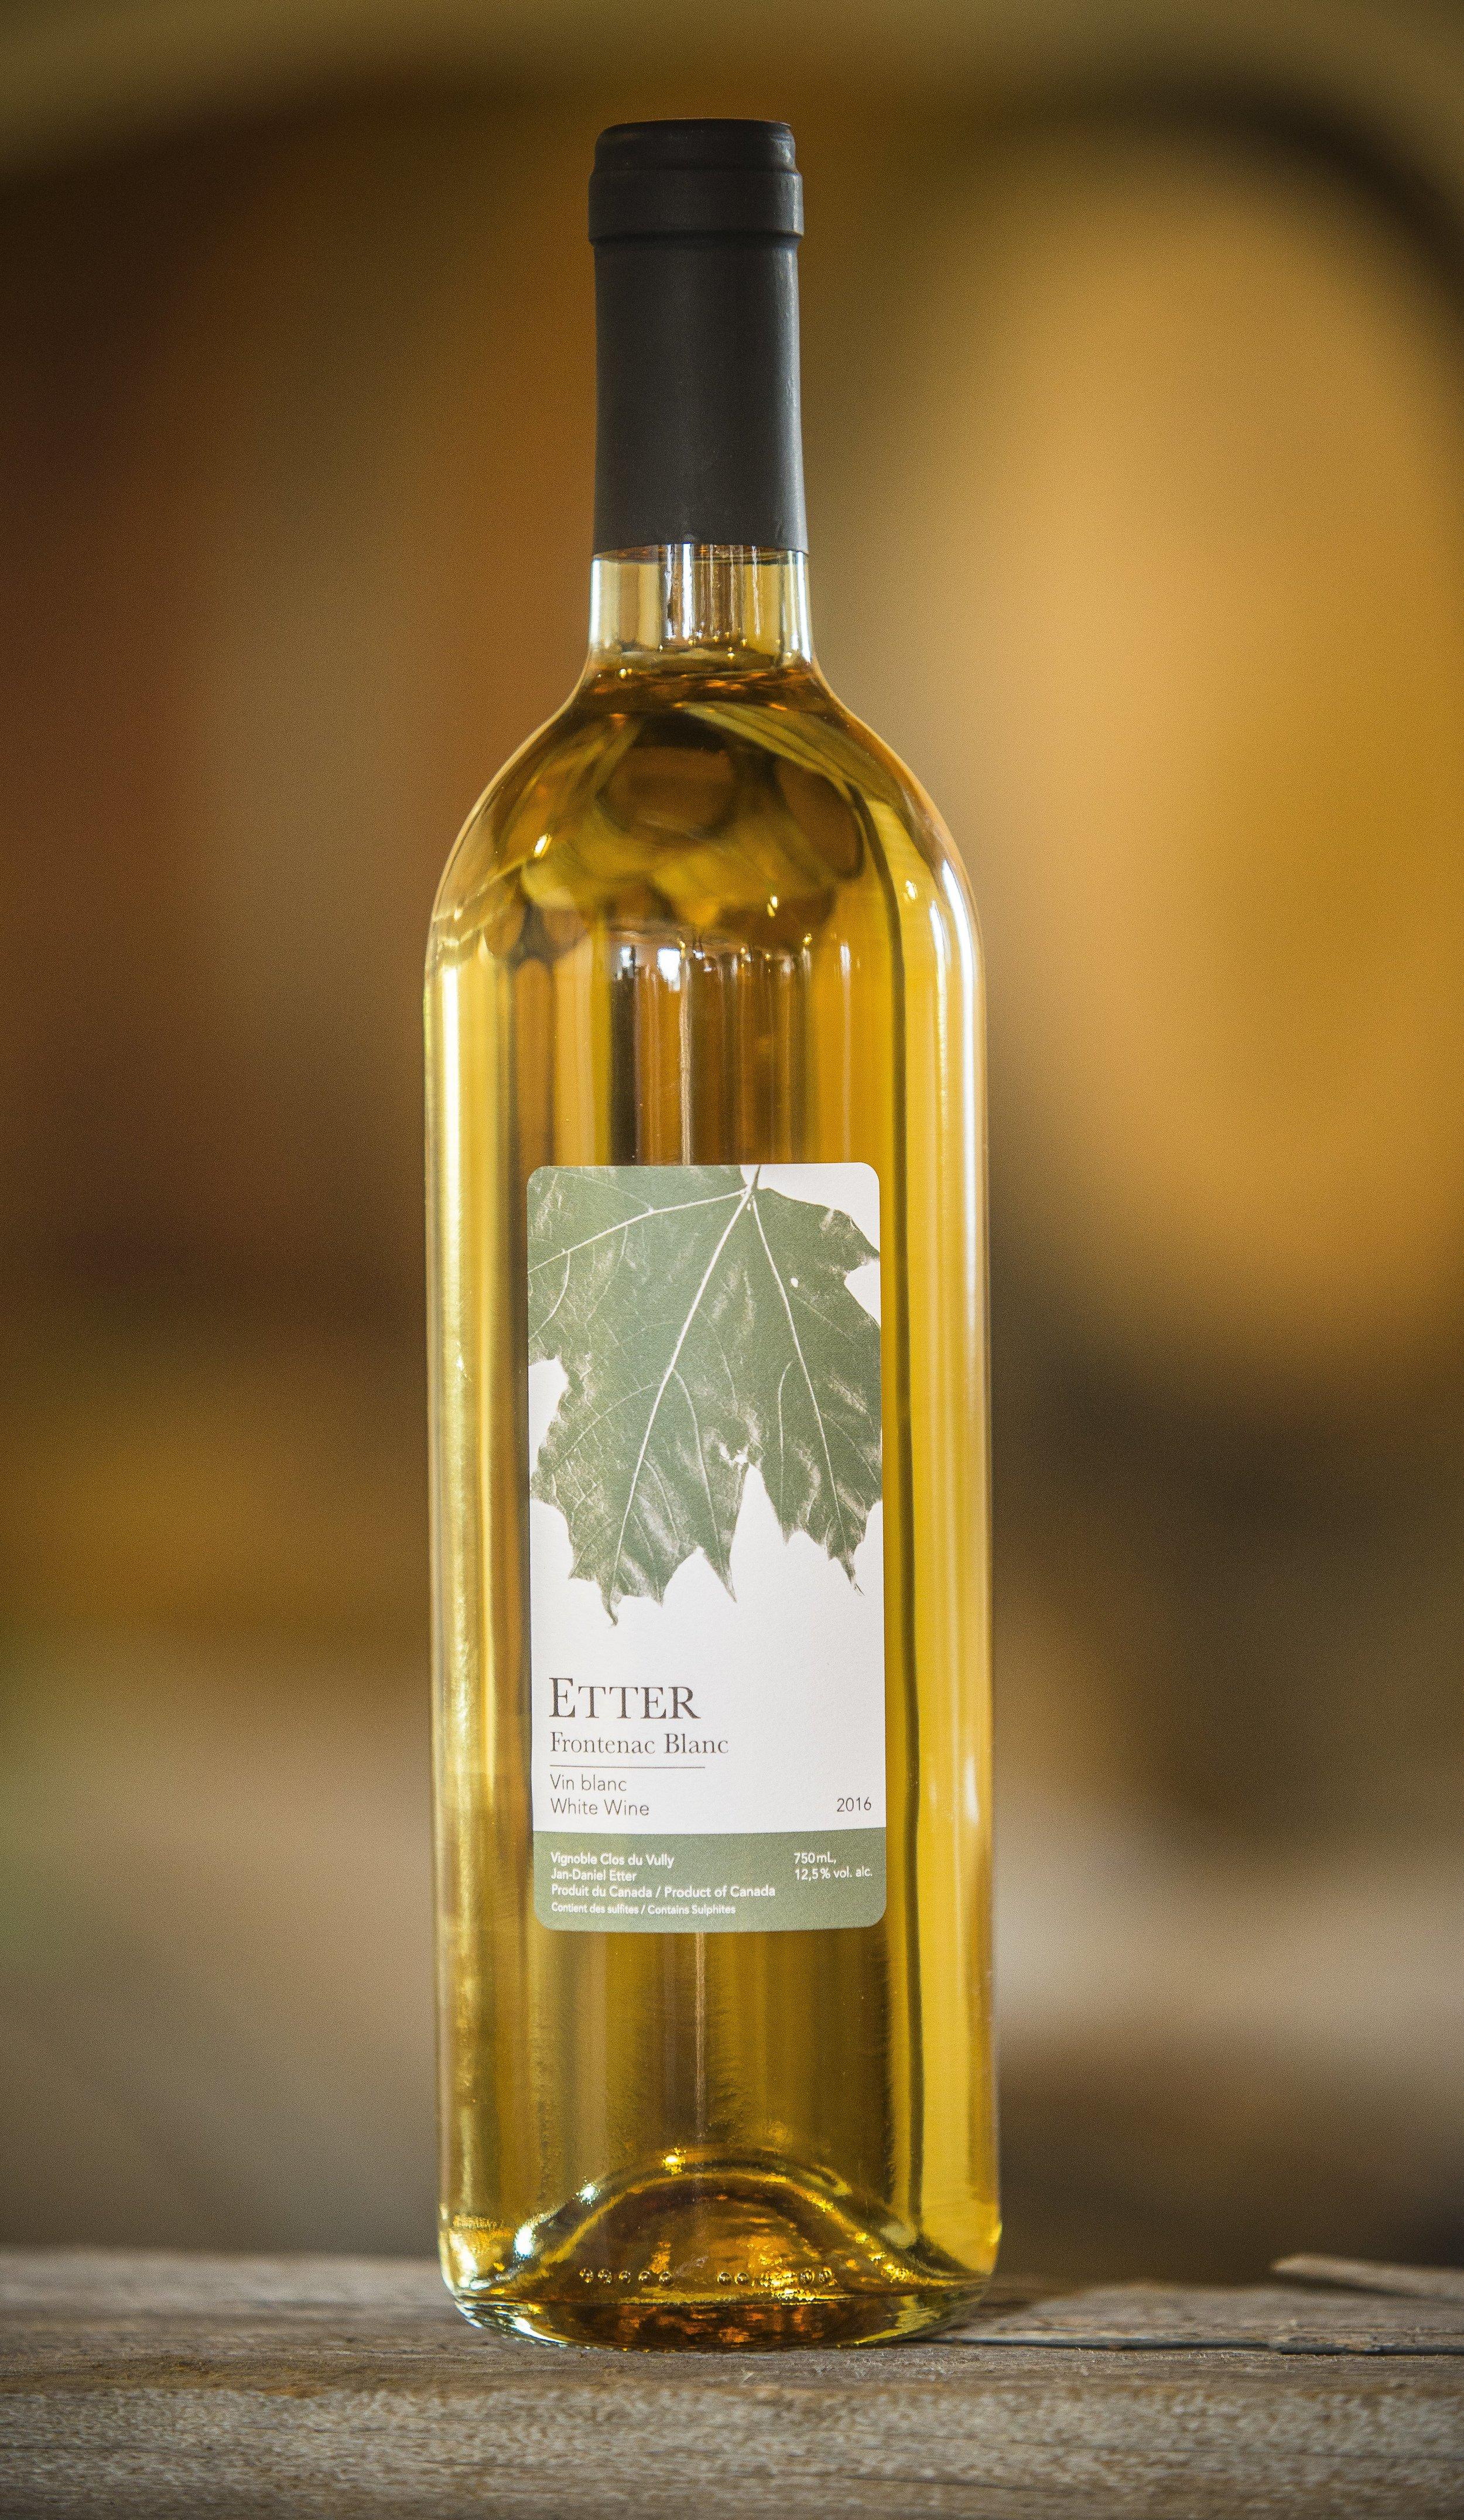 Frontenac Blanc 2017 - · 90% raisins du vignoble Frontenac Blanc et Frontenac Gris· 10% Riesling· Arômes de miel, ananas et poire18.50$ taxes incluses